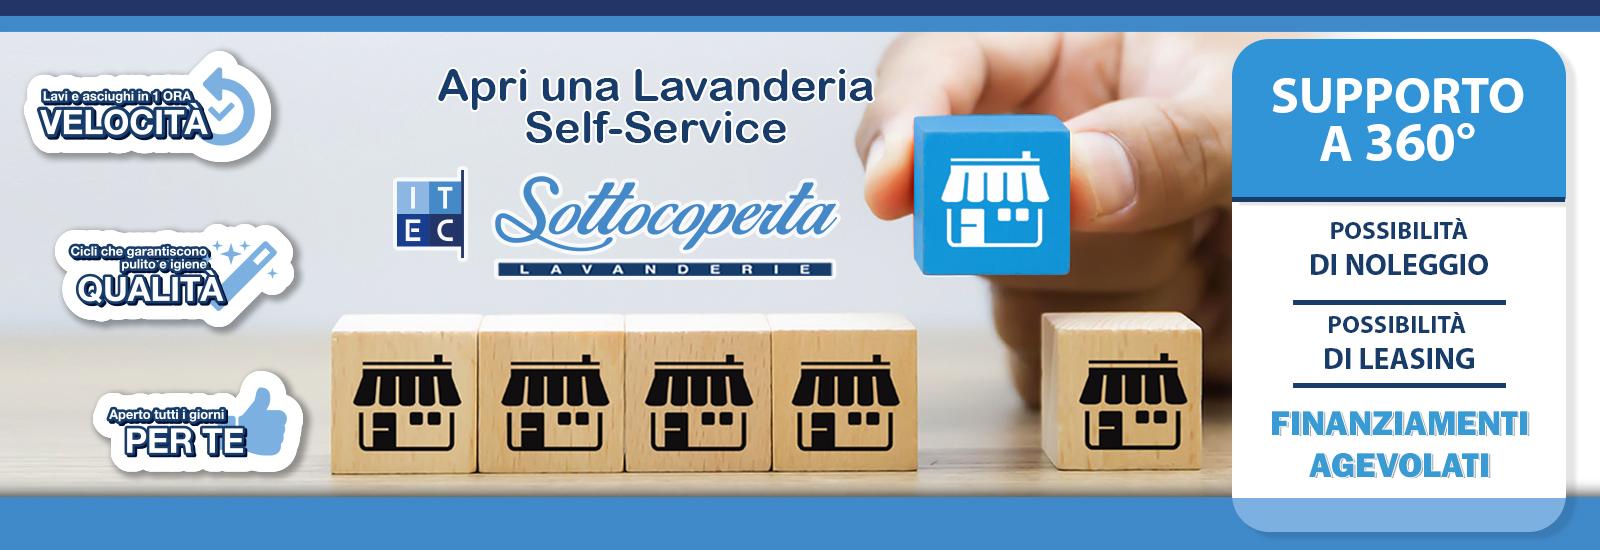 Apri una Lavanderia in Sefl Service Sottocoperta